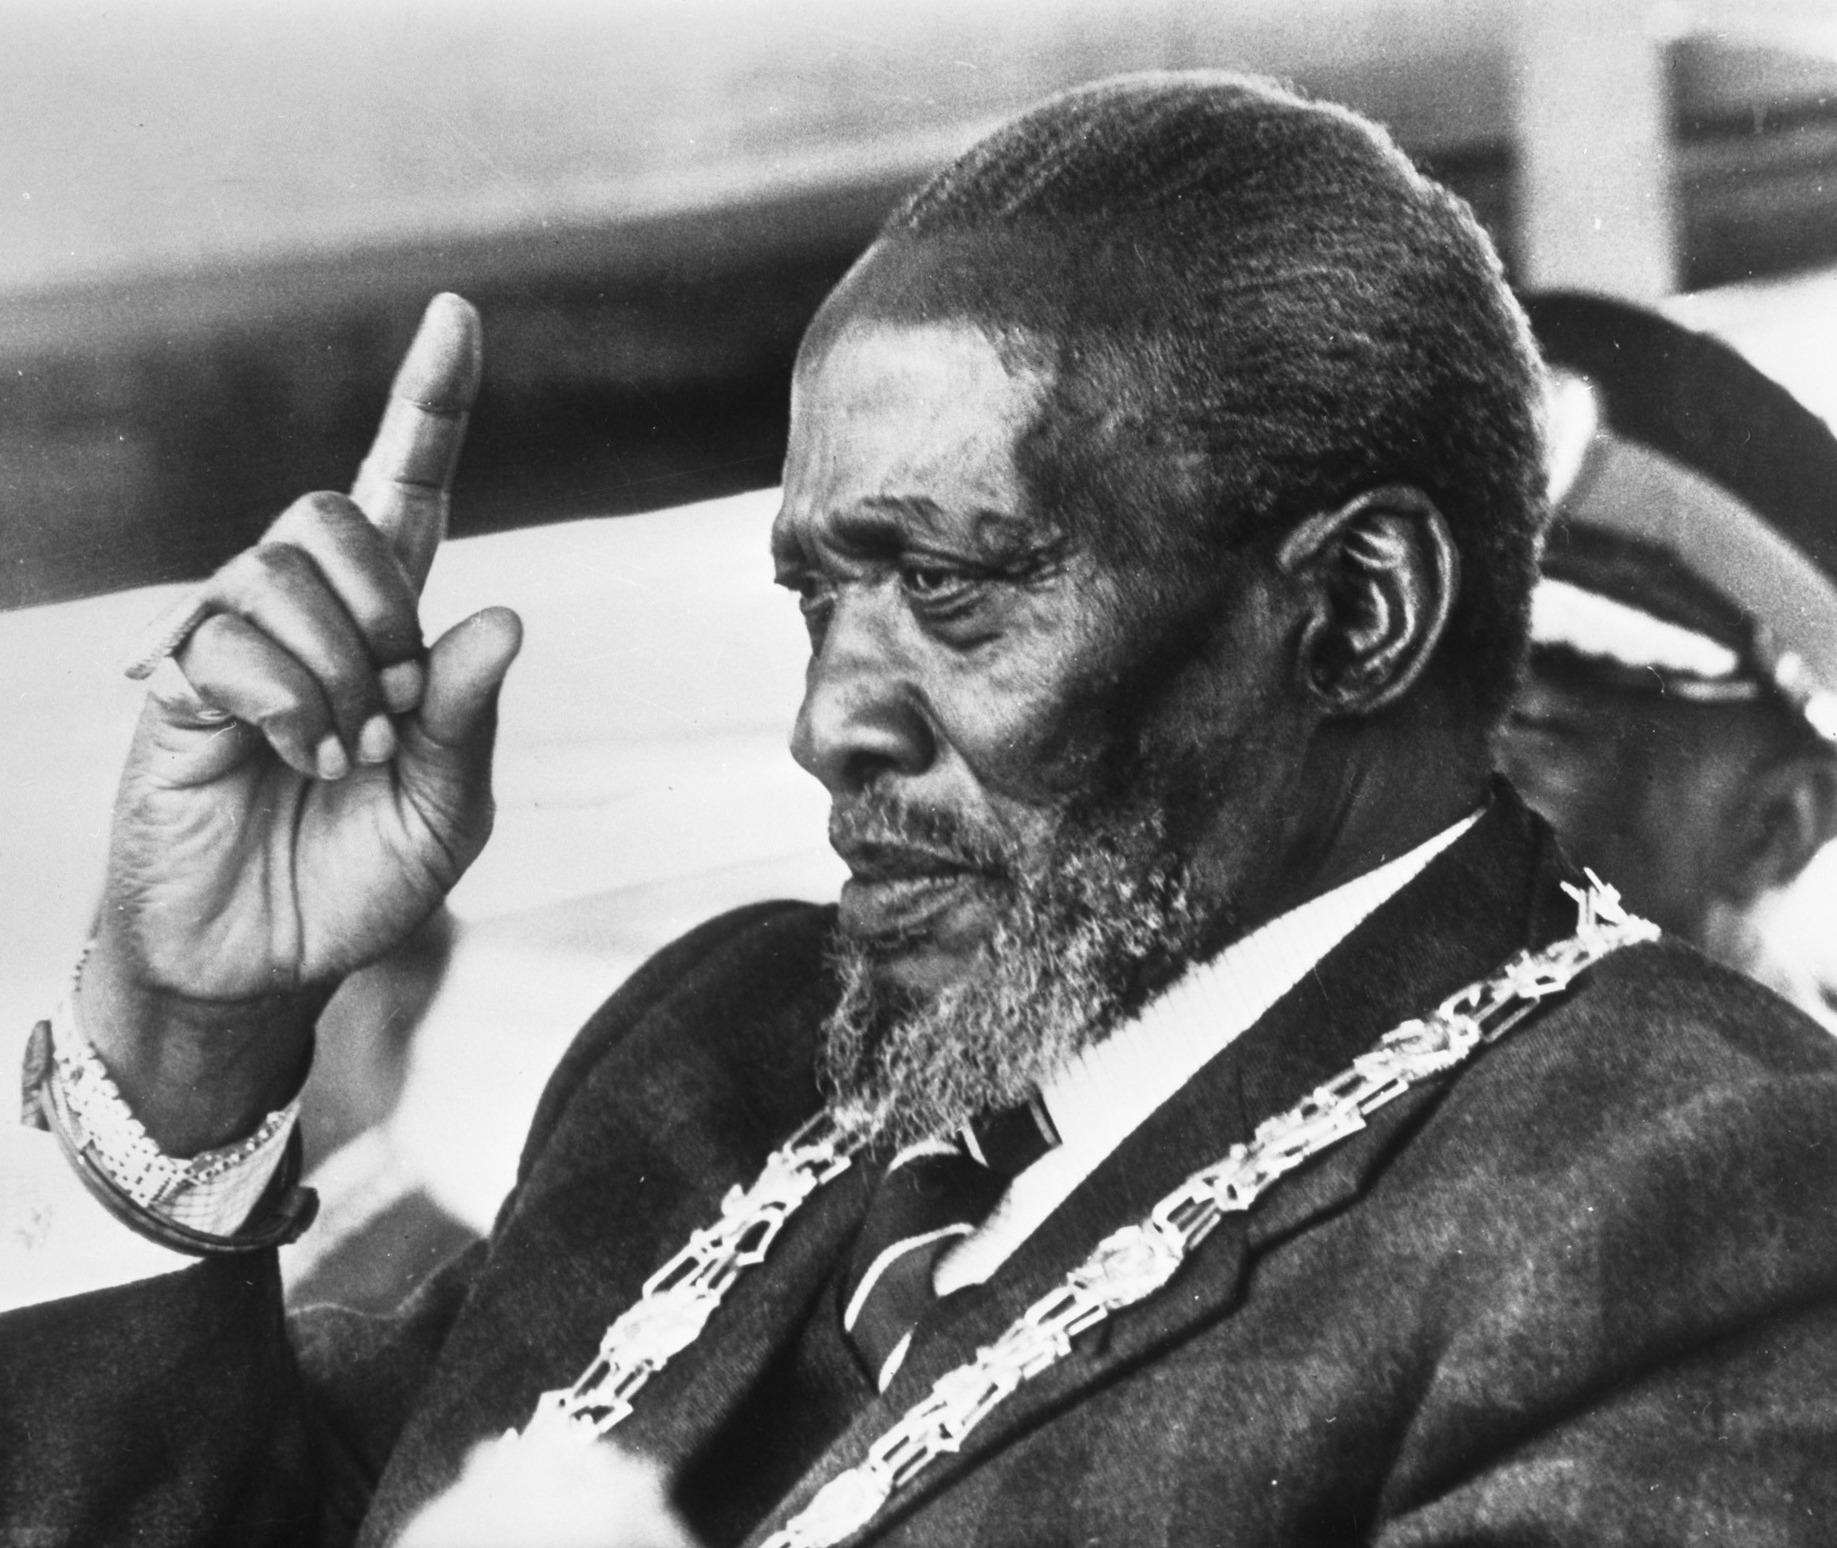 jomo kenyatta Perpetrado por oskarele jomo kenyatta (en la imagen a la izquierda), junto al jefe mau mau, mwariama, en 1961, poco tiempo después de su liberación de la cárcel.